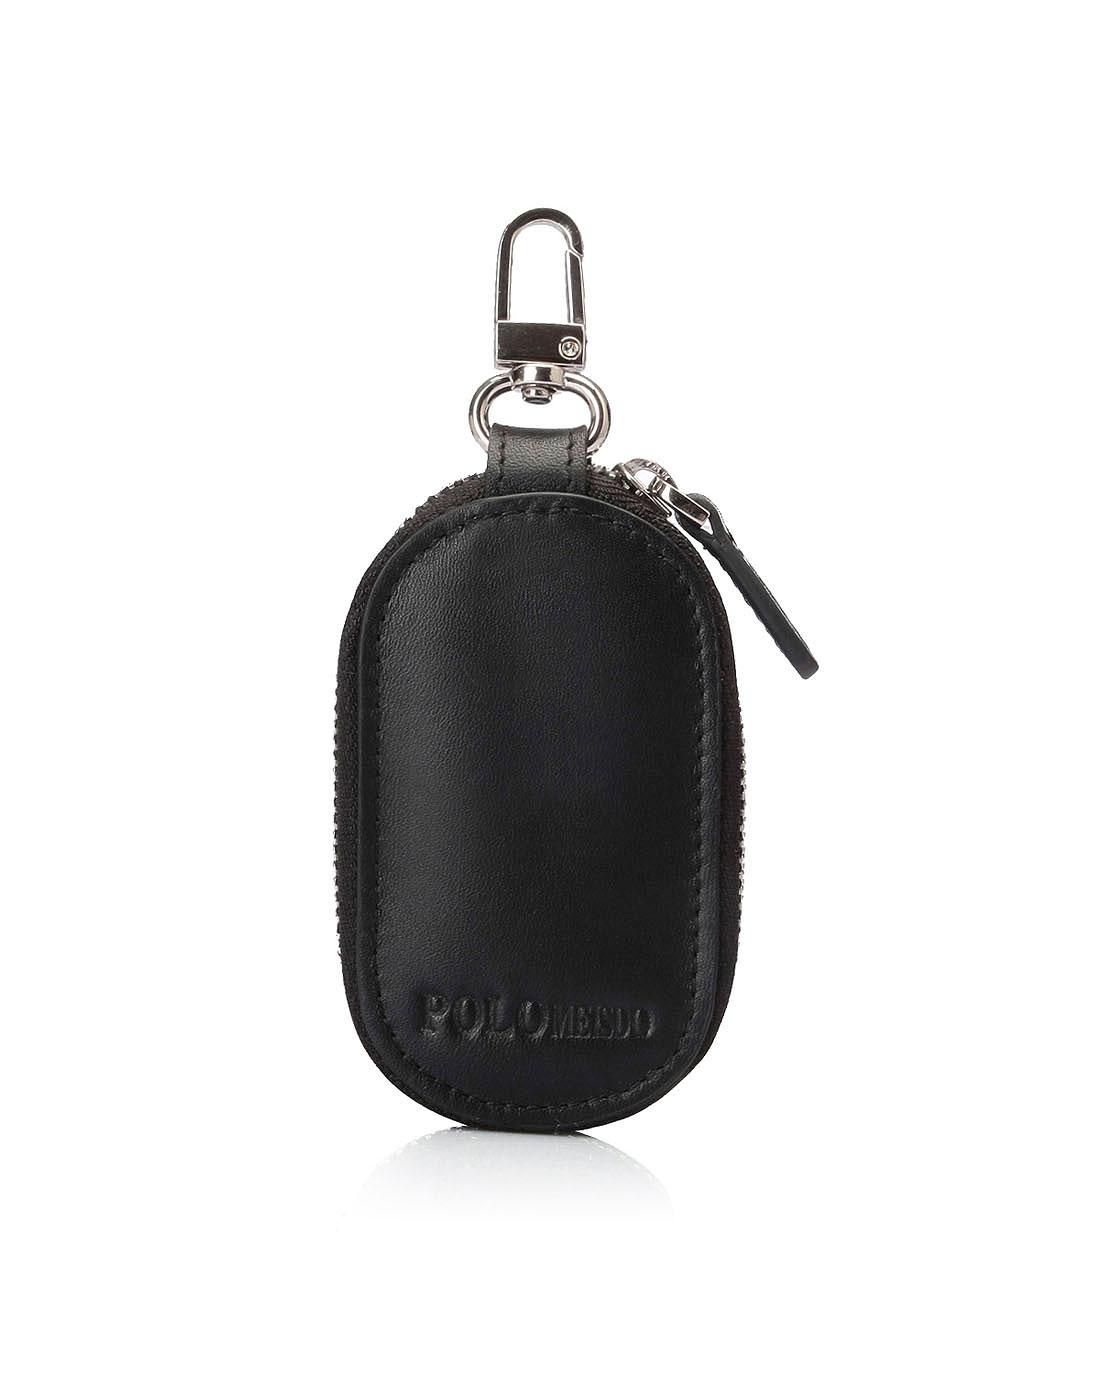 保罗美思得polomeisdo保时捷专用车钥匙包aw988063